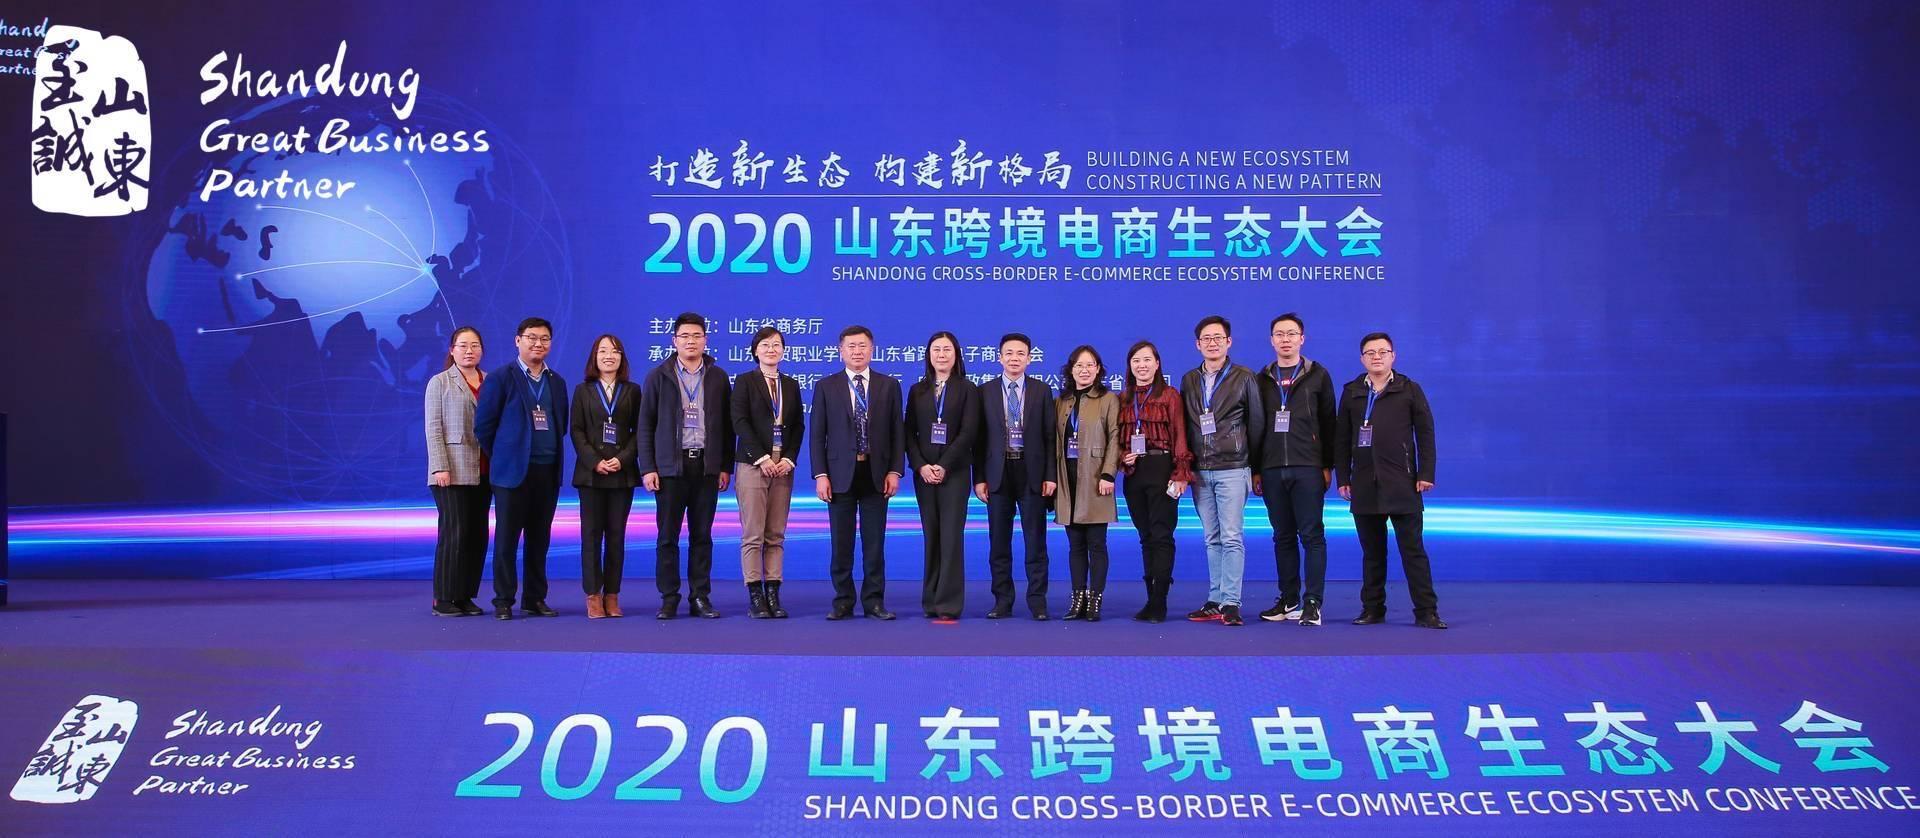 49秒|2020山东跨境电商生态大会签约13个重点项目